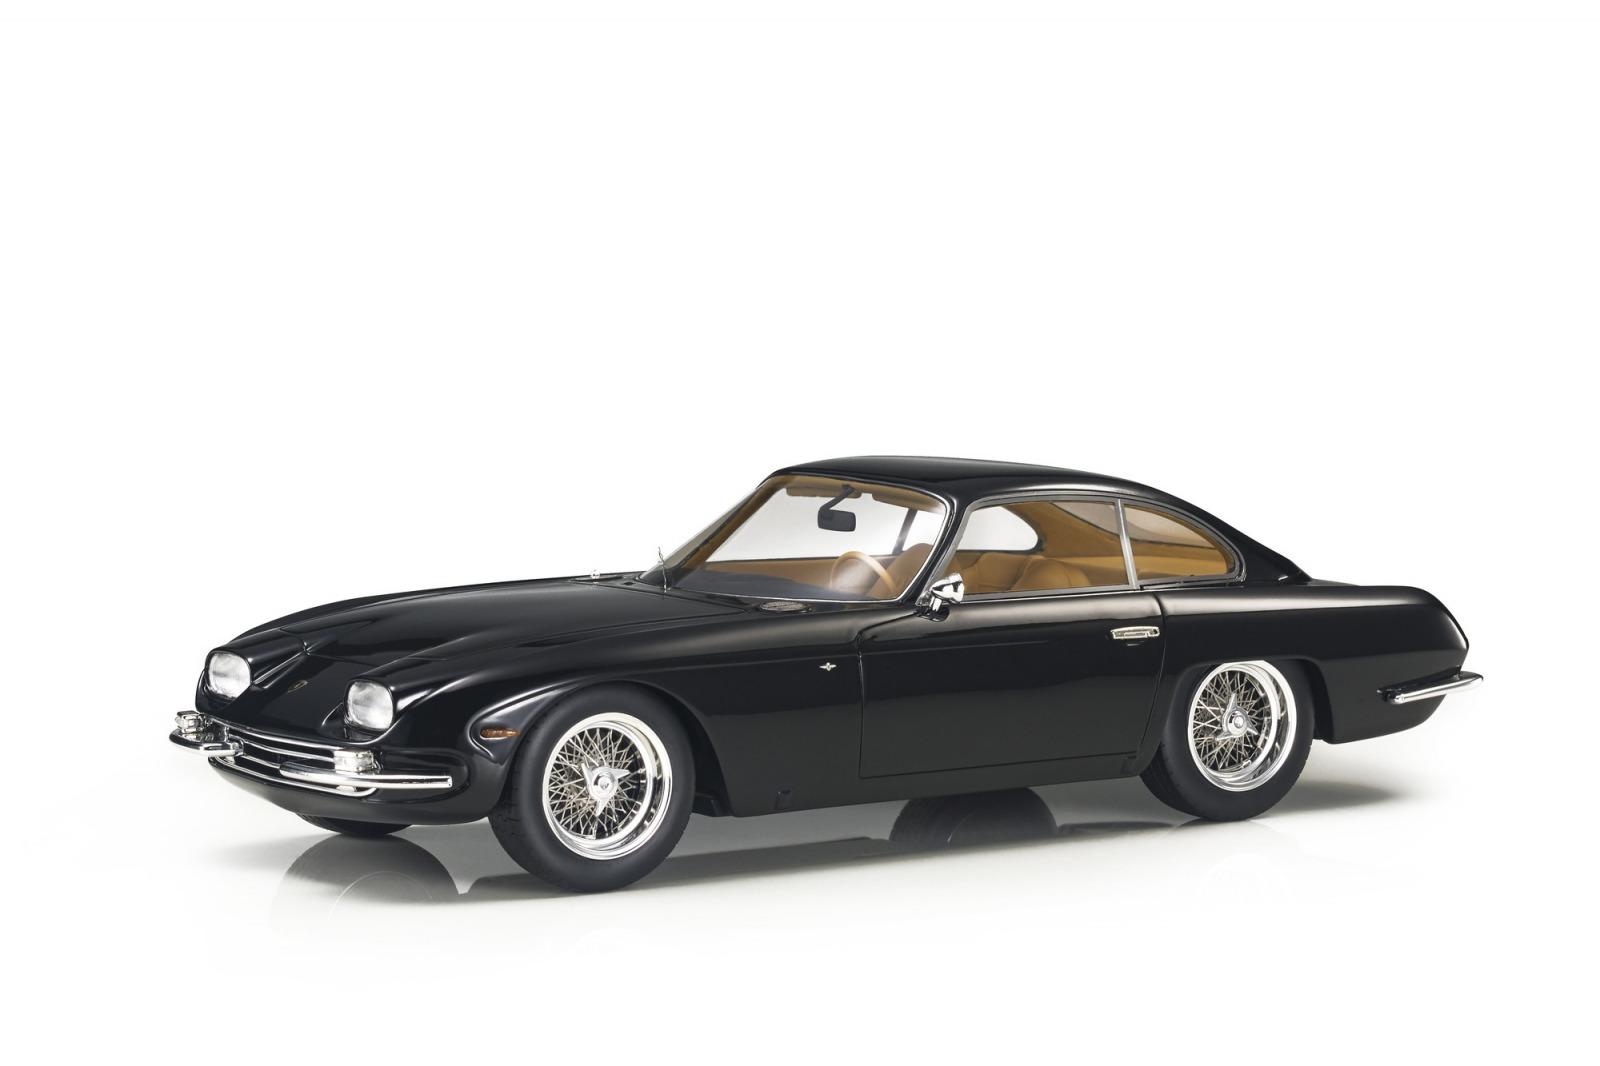 Top Marques トップマルクス 1/18 ミニカー レジン プロポーションモデル 1964年モデル ランボルギーニ 350GT ブラックLAMBORGHINI - 350GT COUPE 1964 1:18 Top Marques